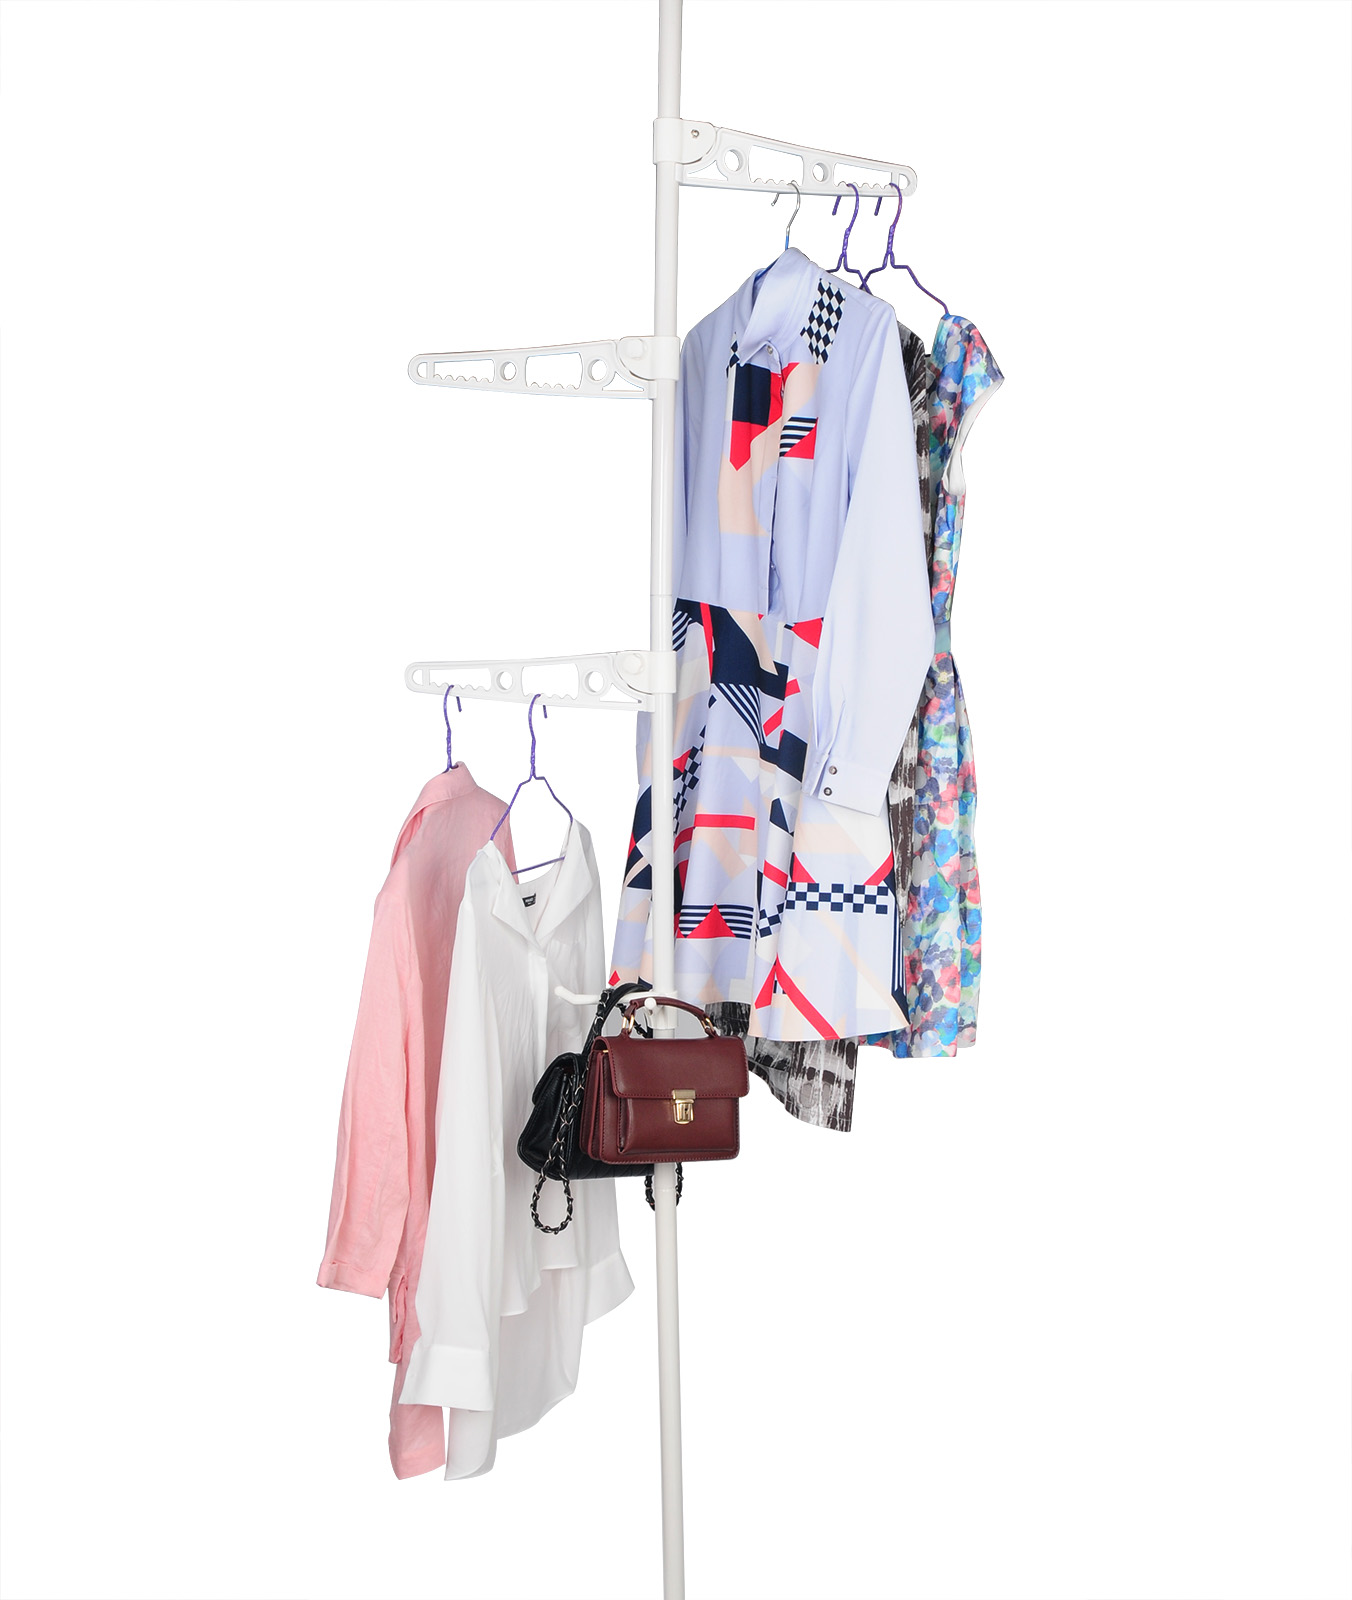 Kleiderstange Ebay: Kleiderständer Garderobenständer Kleiderstange